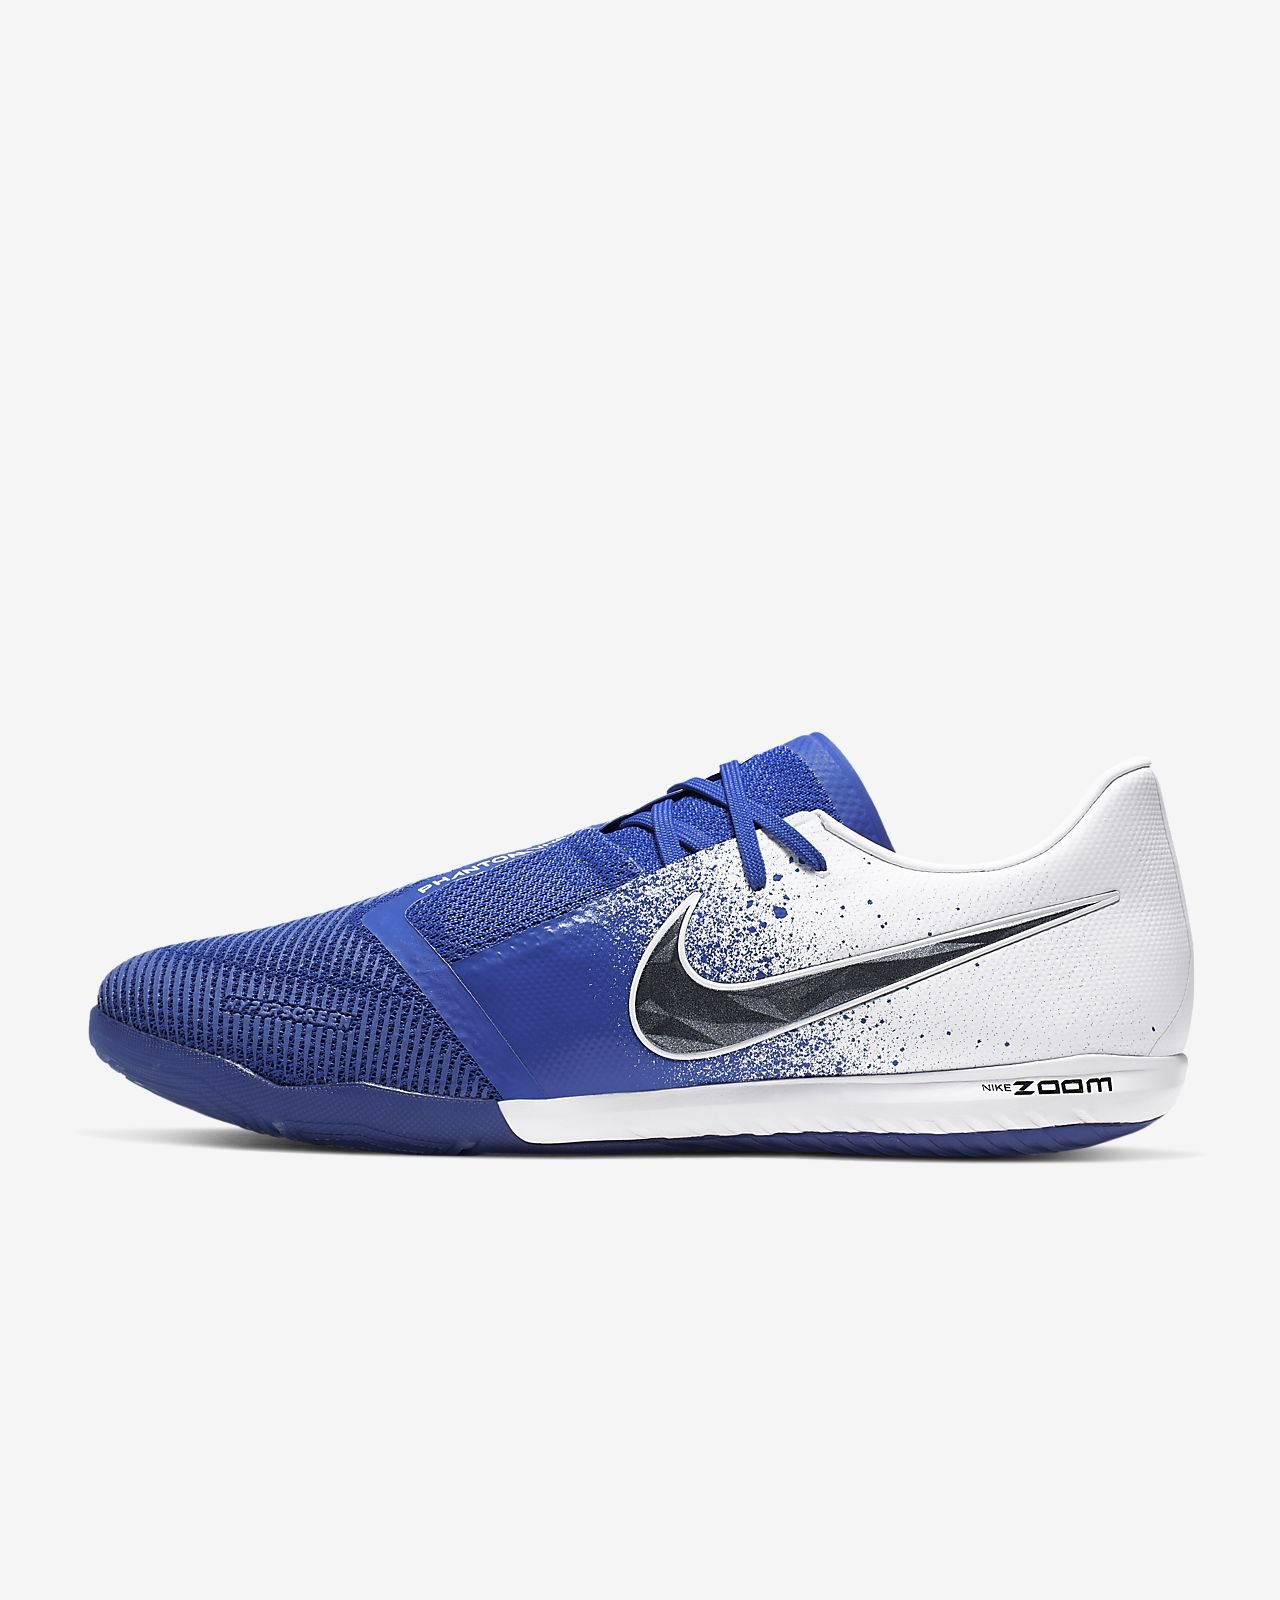 Ποδοσφαιρικό παπούτσι για κλειστά γήπεδα Nike Zoom Phantom Venom Pro IC